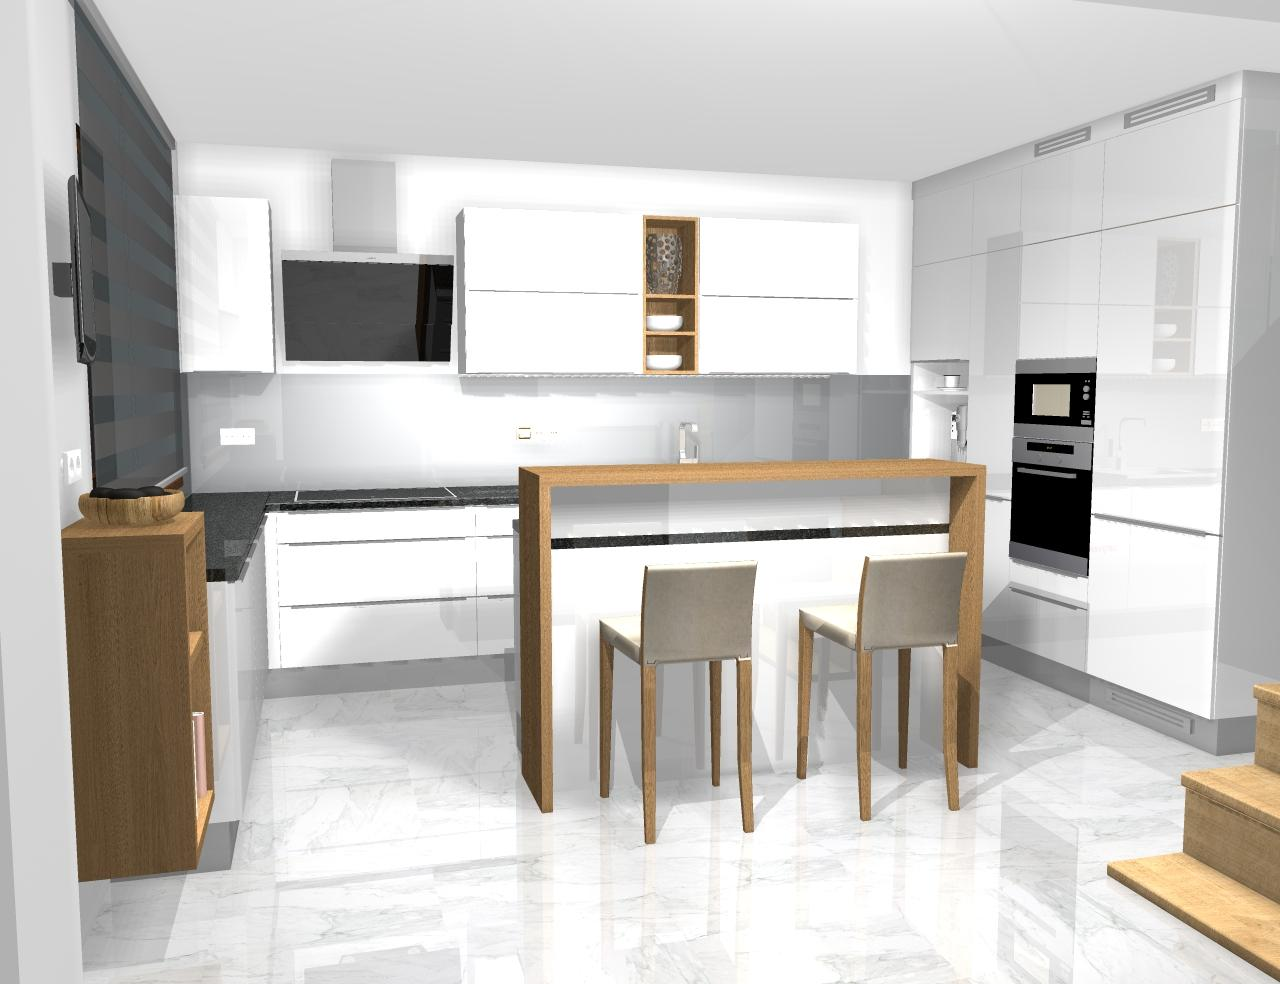 Grafické návrhy kuchynských liniek 2020 - Grafický návrh kuchynskej linky do rodinného domu - obr.2